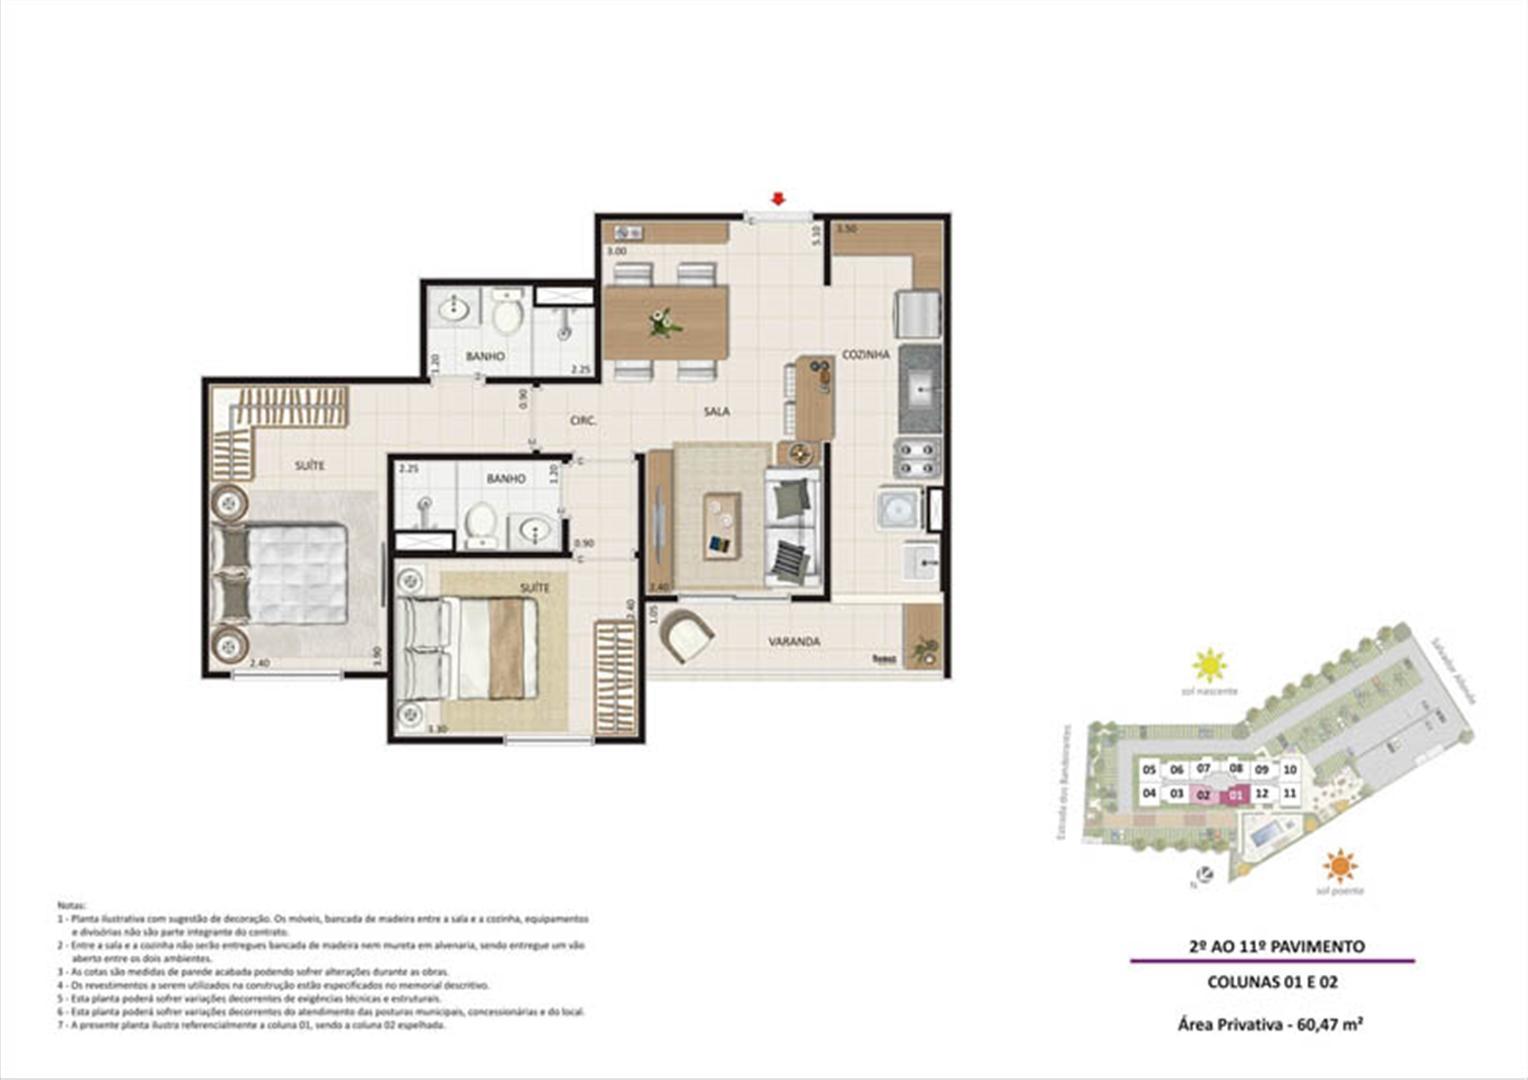 Apartamento 2 quartos tipo 01 | Live Bandeirantes All Suites – Apartamento em  Jacarepaguá - Rio de Janeiro - Rio de Janeiro